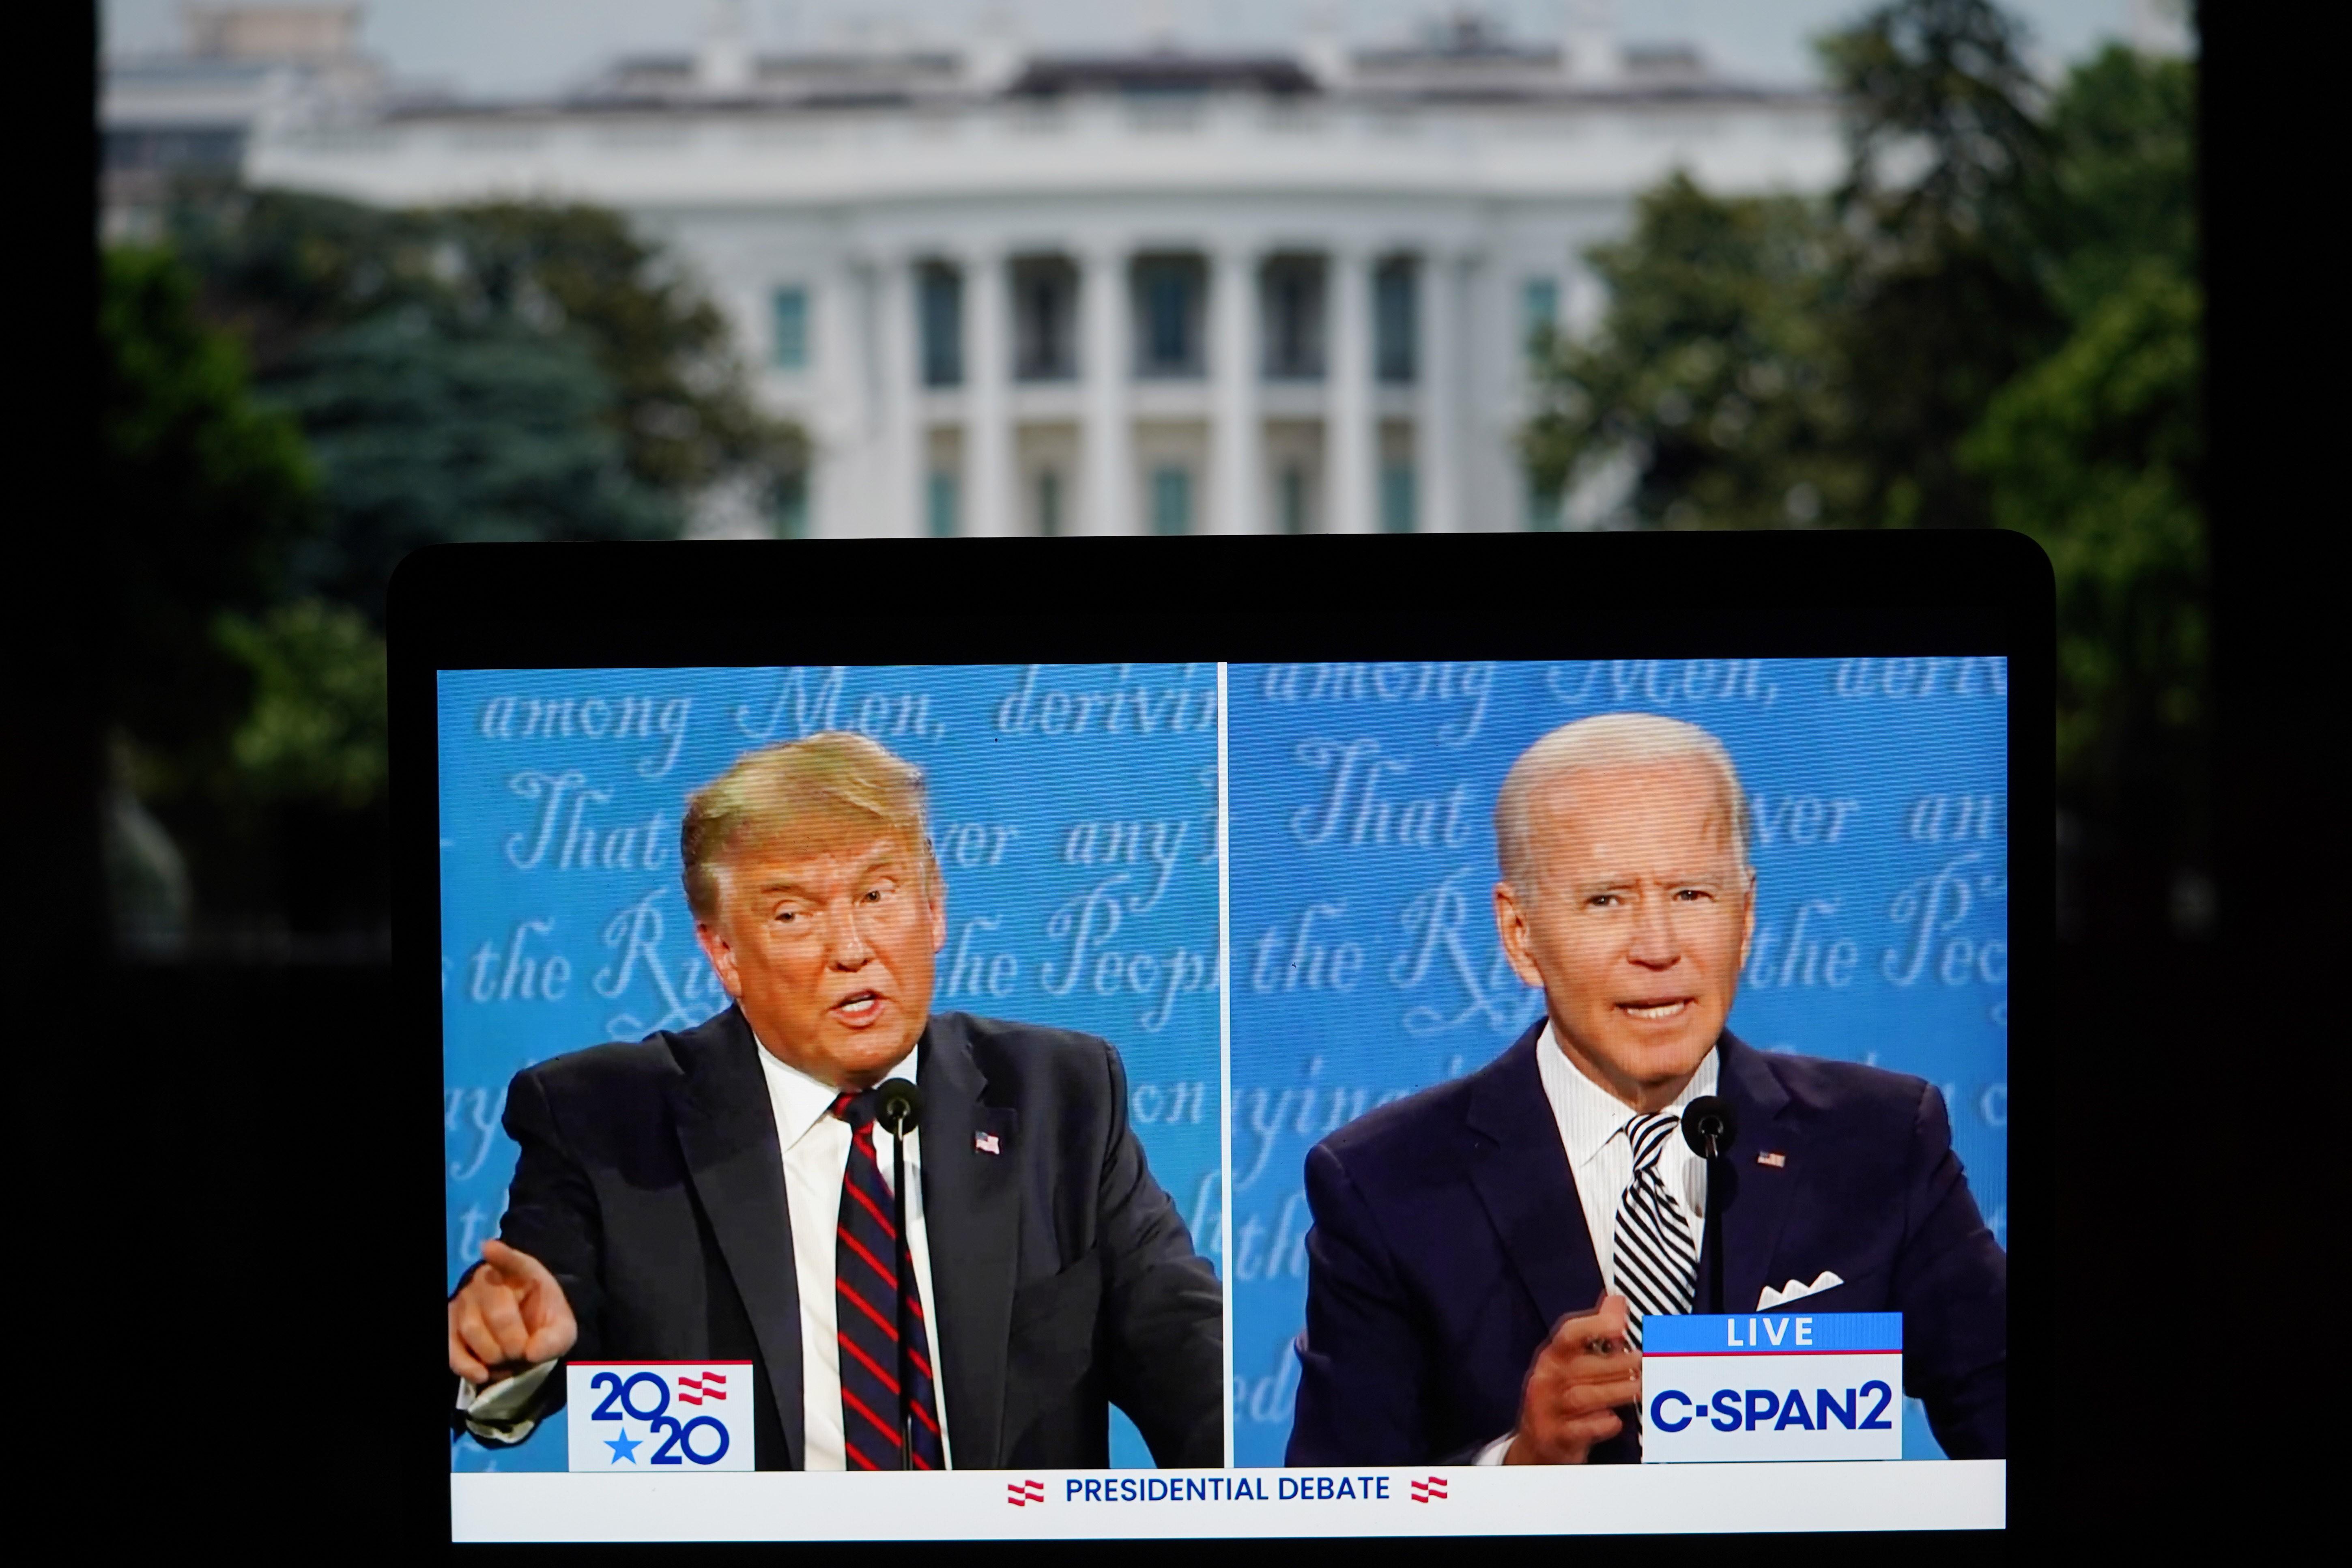 美大选首场辩论混乱收场:互相攻讦无底线 重大议题失焦点